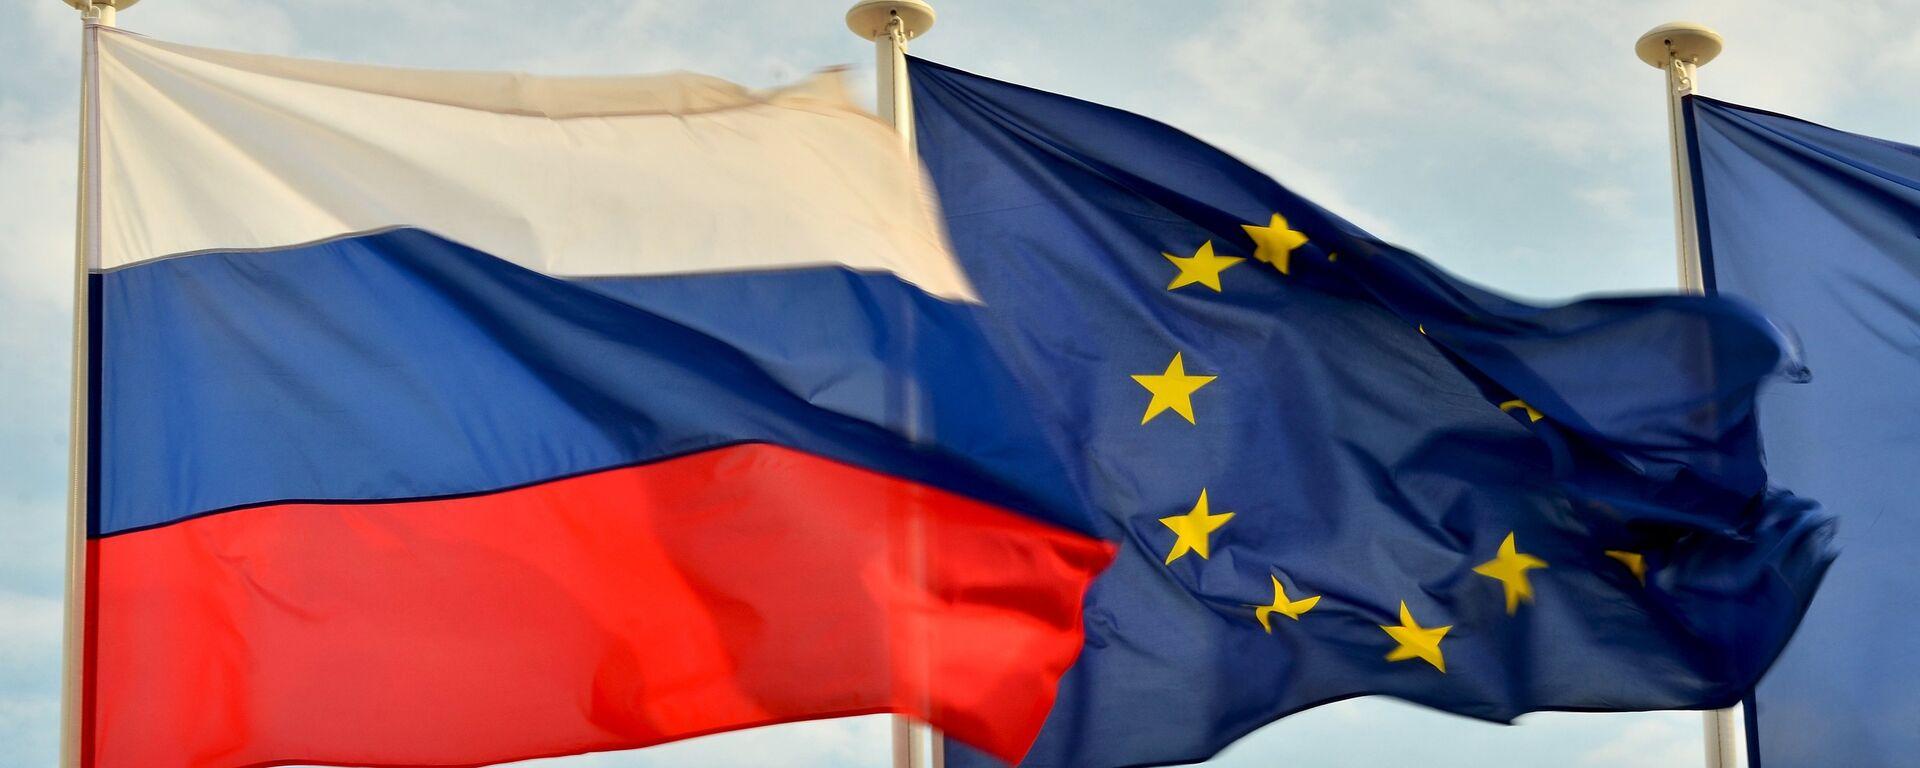 Флаги  России и Евросоюза - Sputnik Ўзбекистон, 1920, 25.03.2021